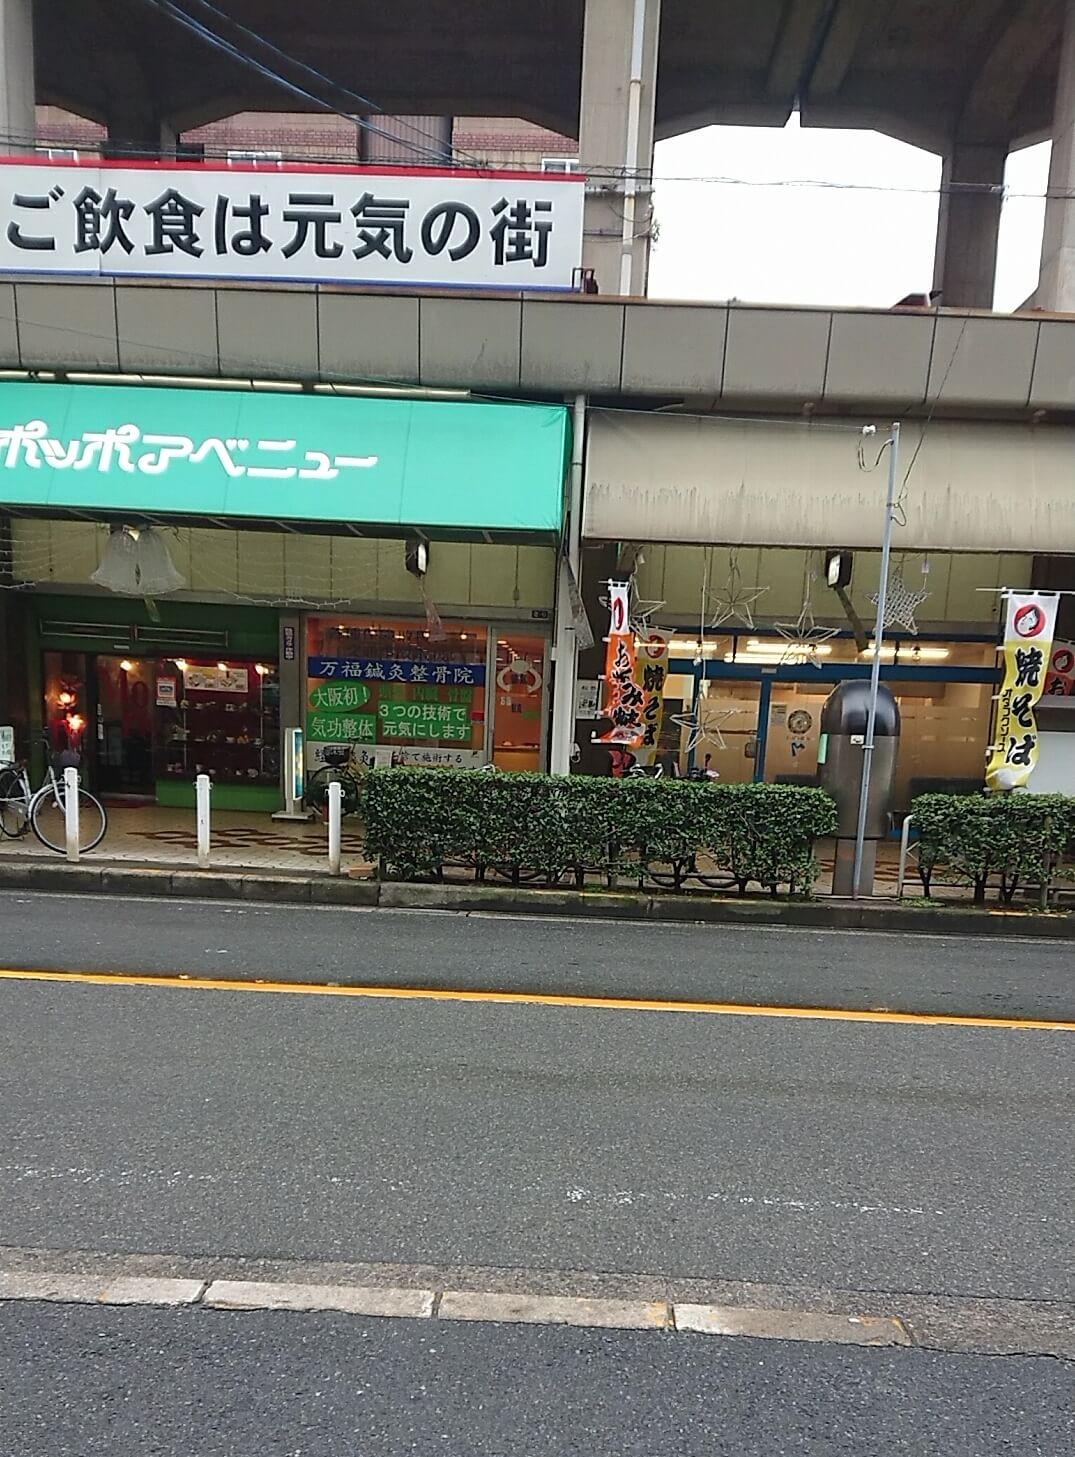 ユートピア 大阪